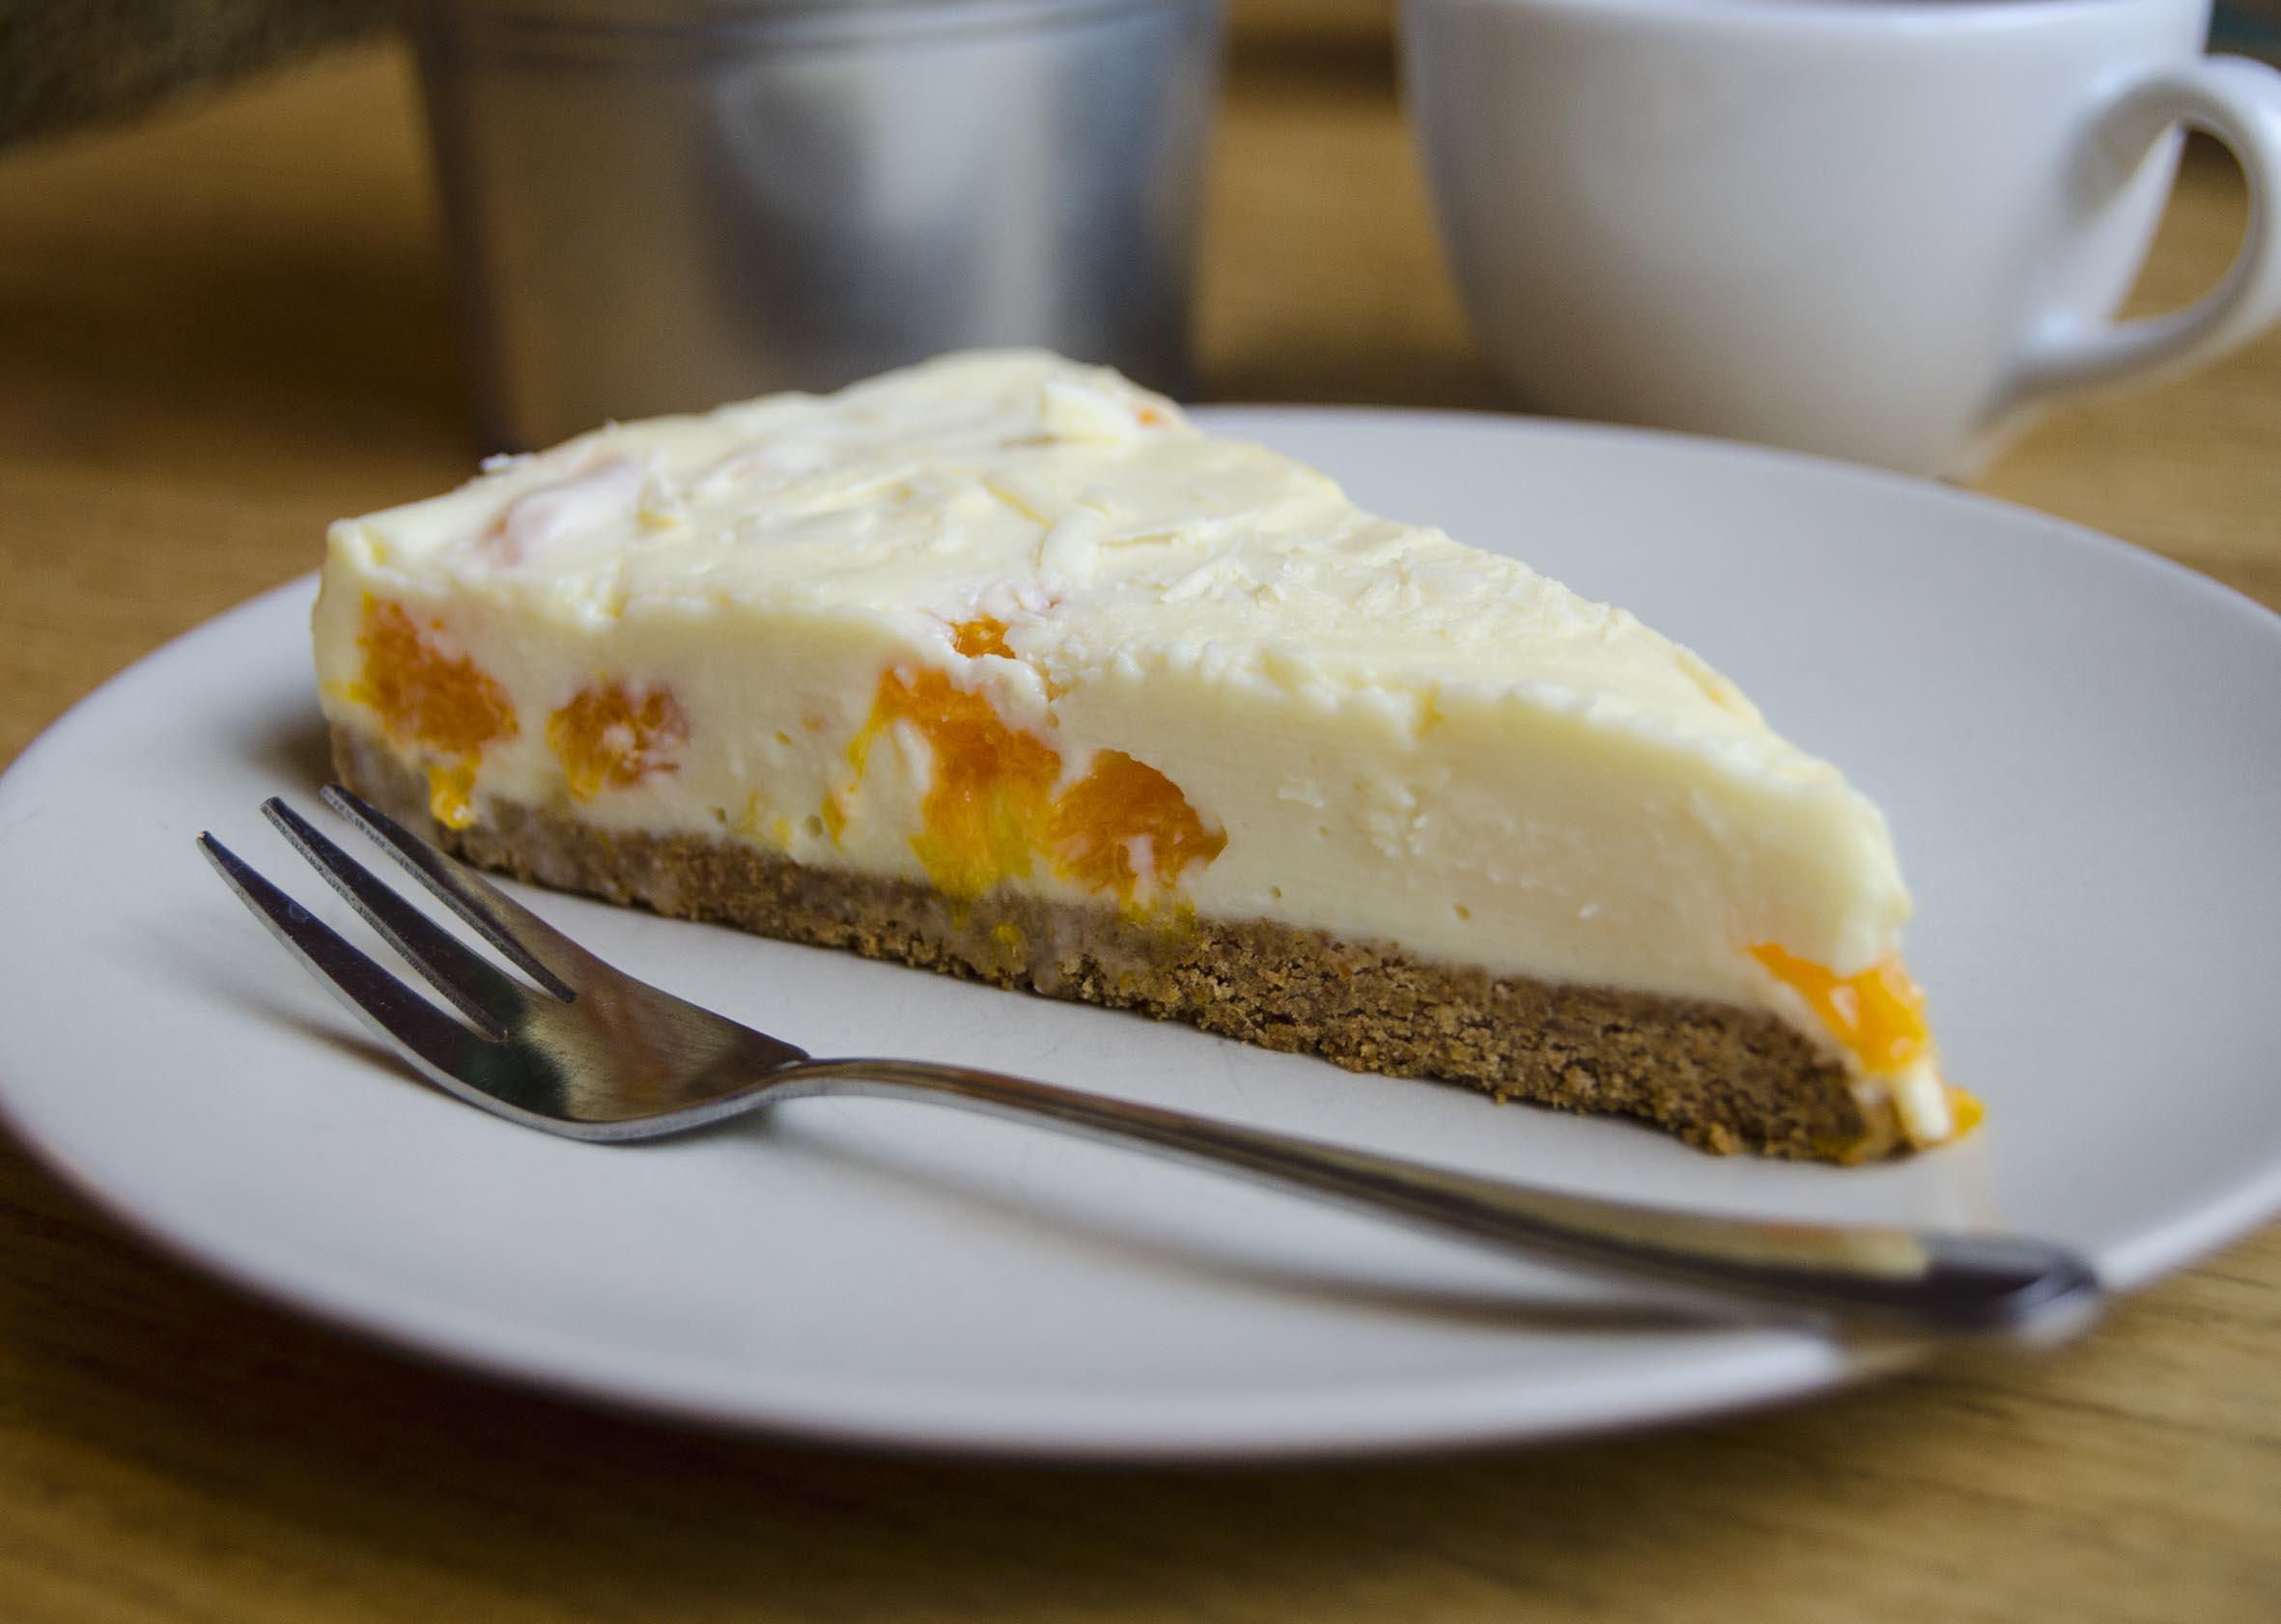 cake 4 lr.jpg